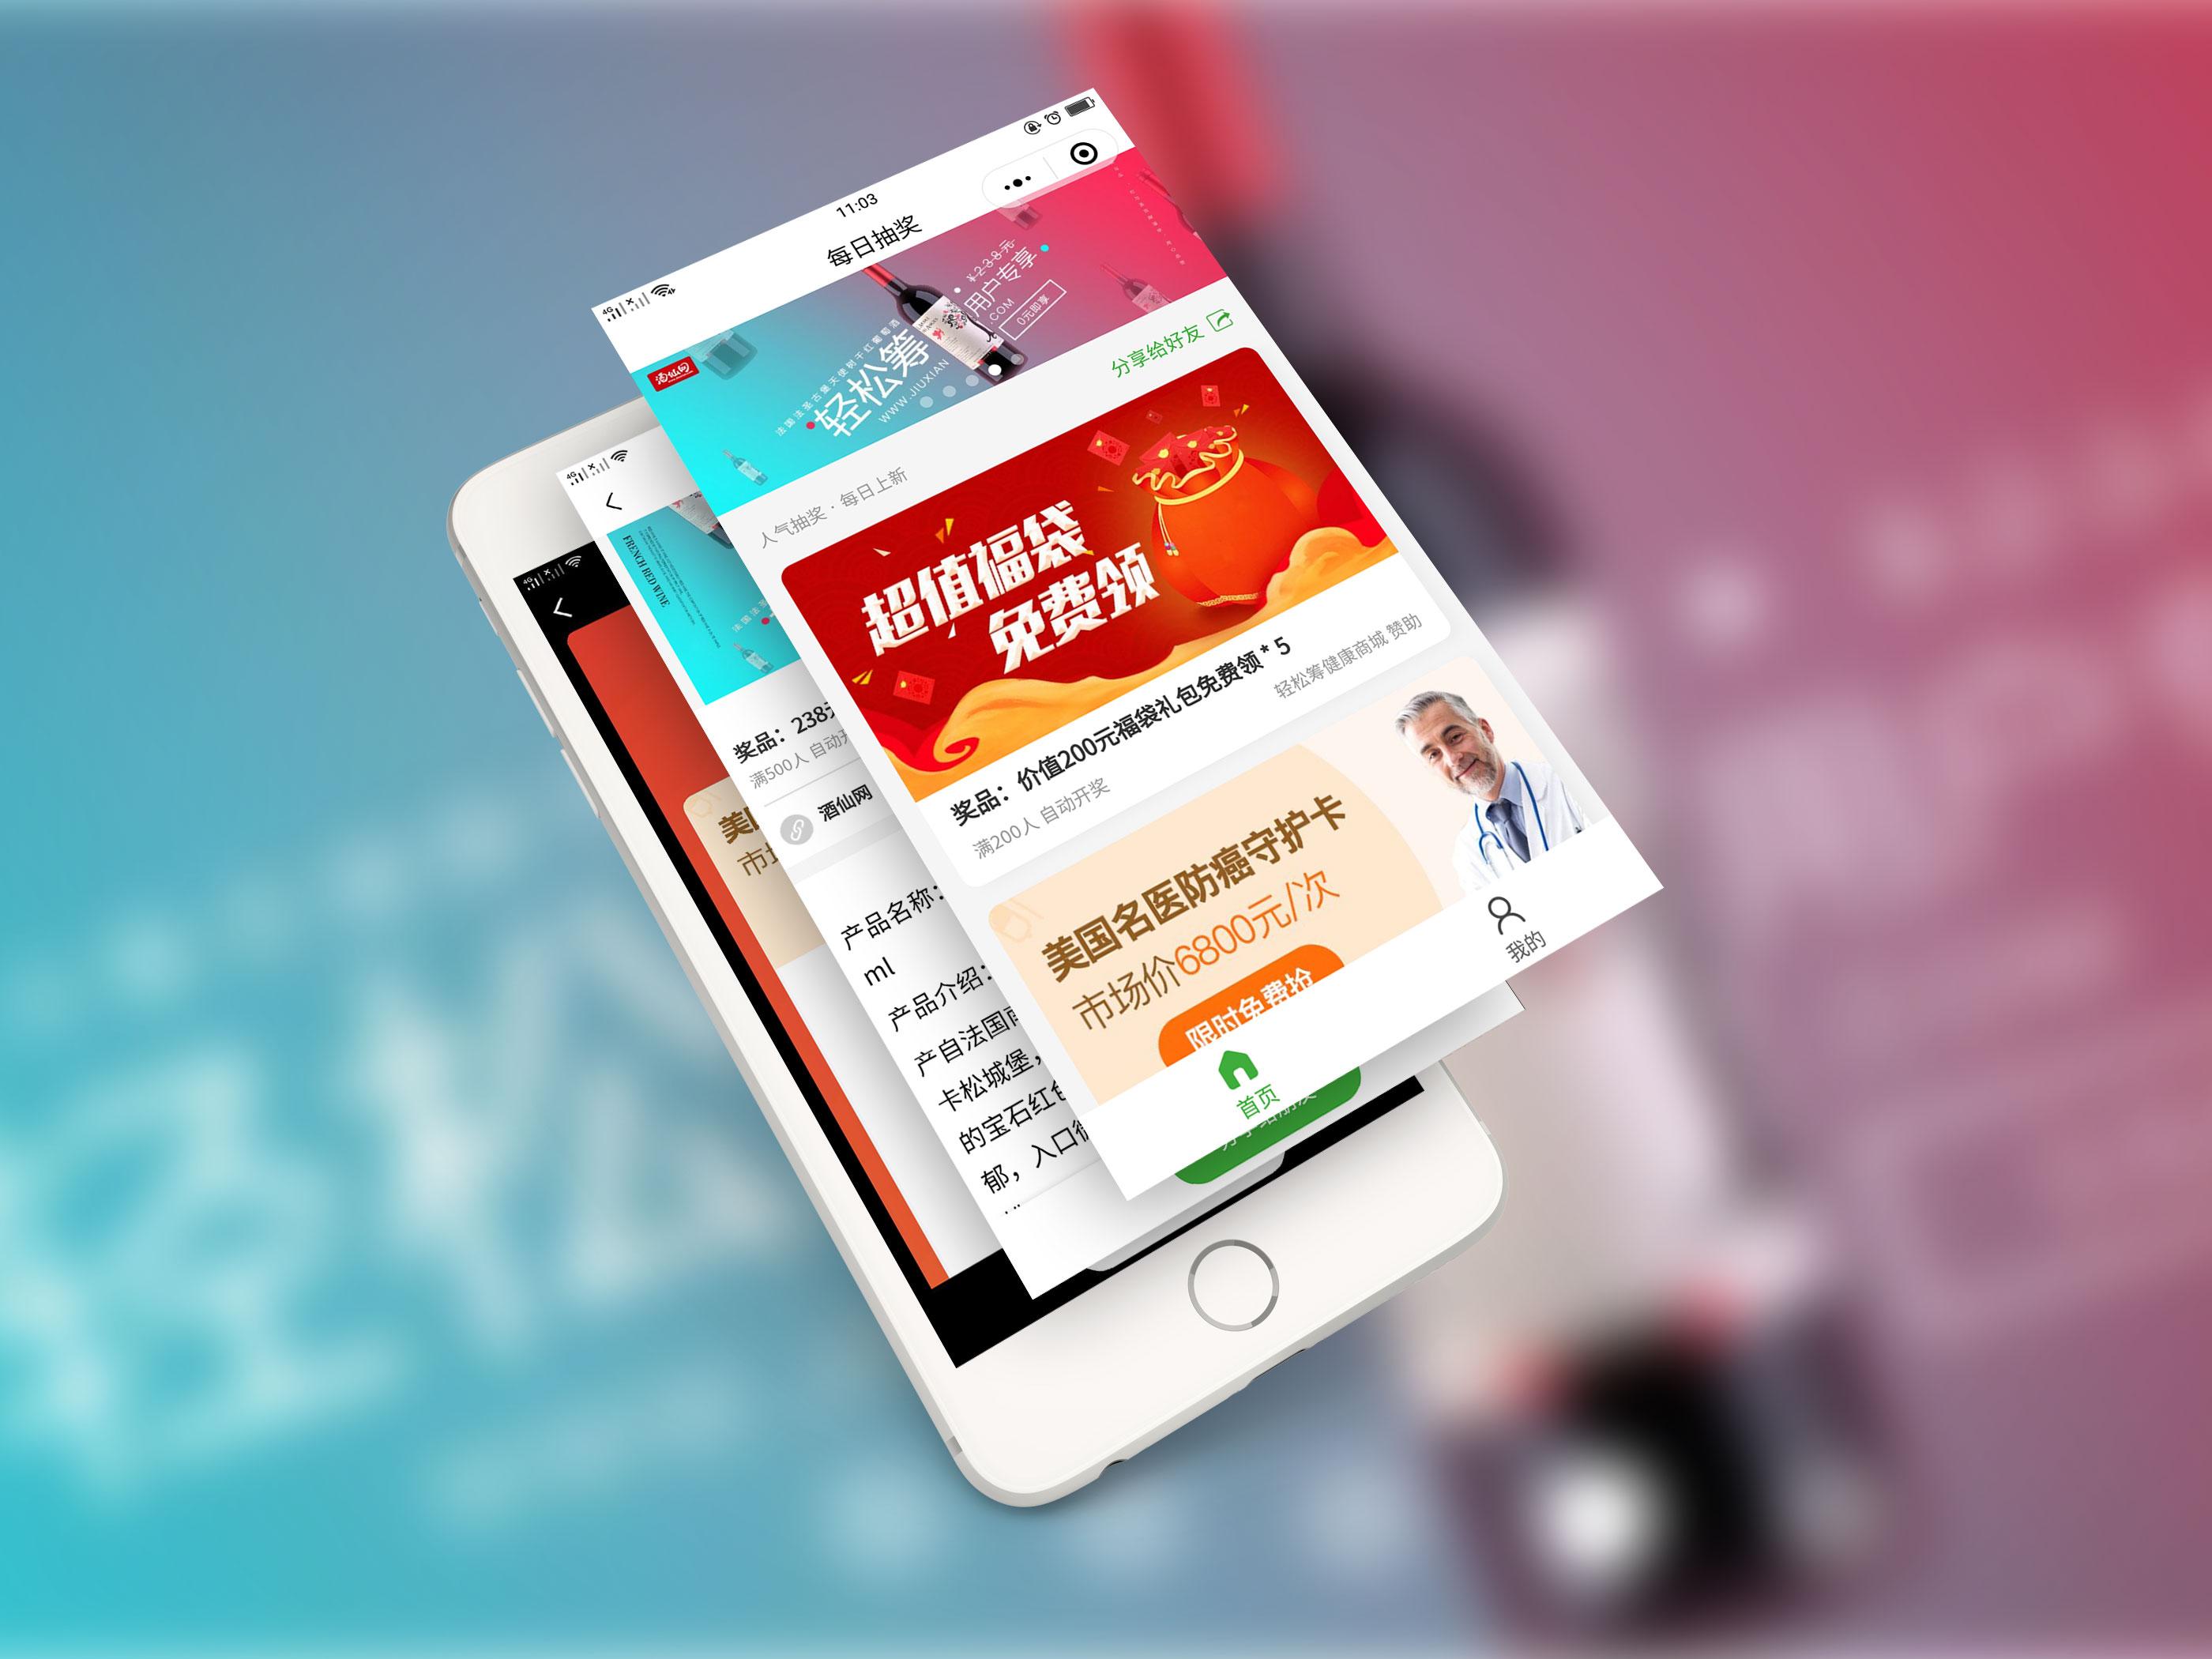 微信小程序 定制开发软件 餐饮服务 商城技术 运动微商城源码